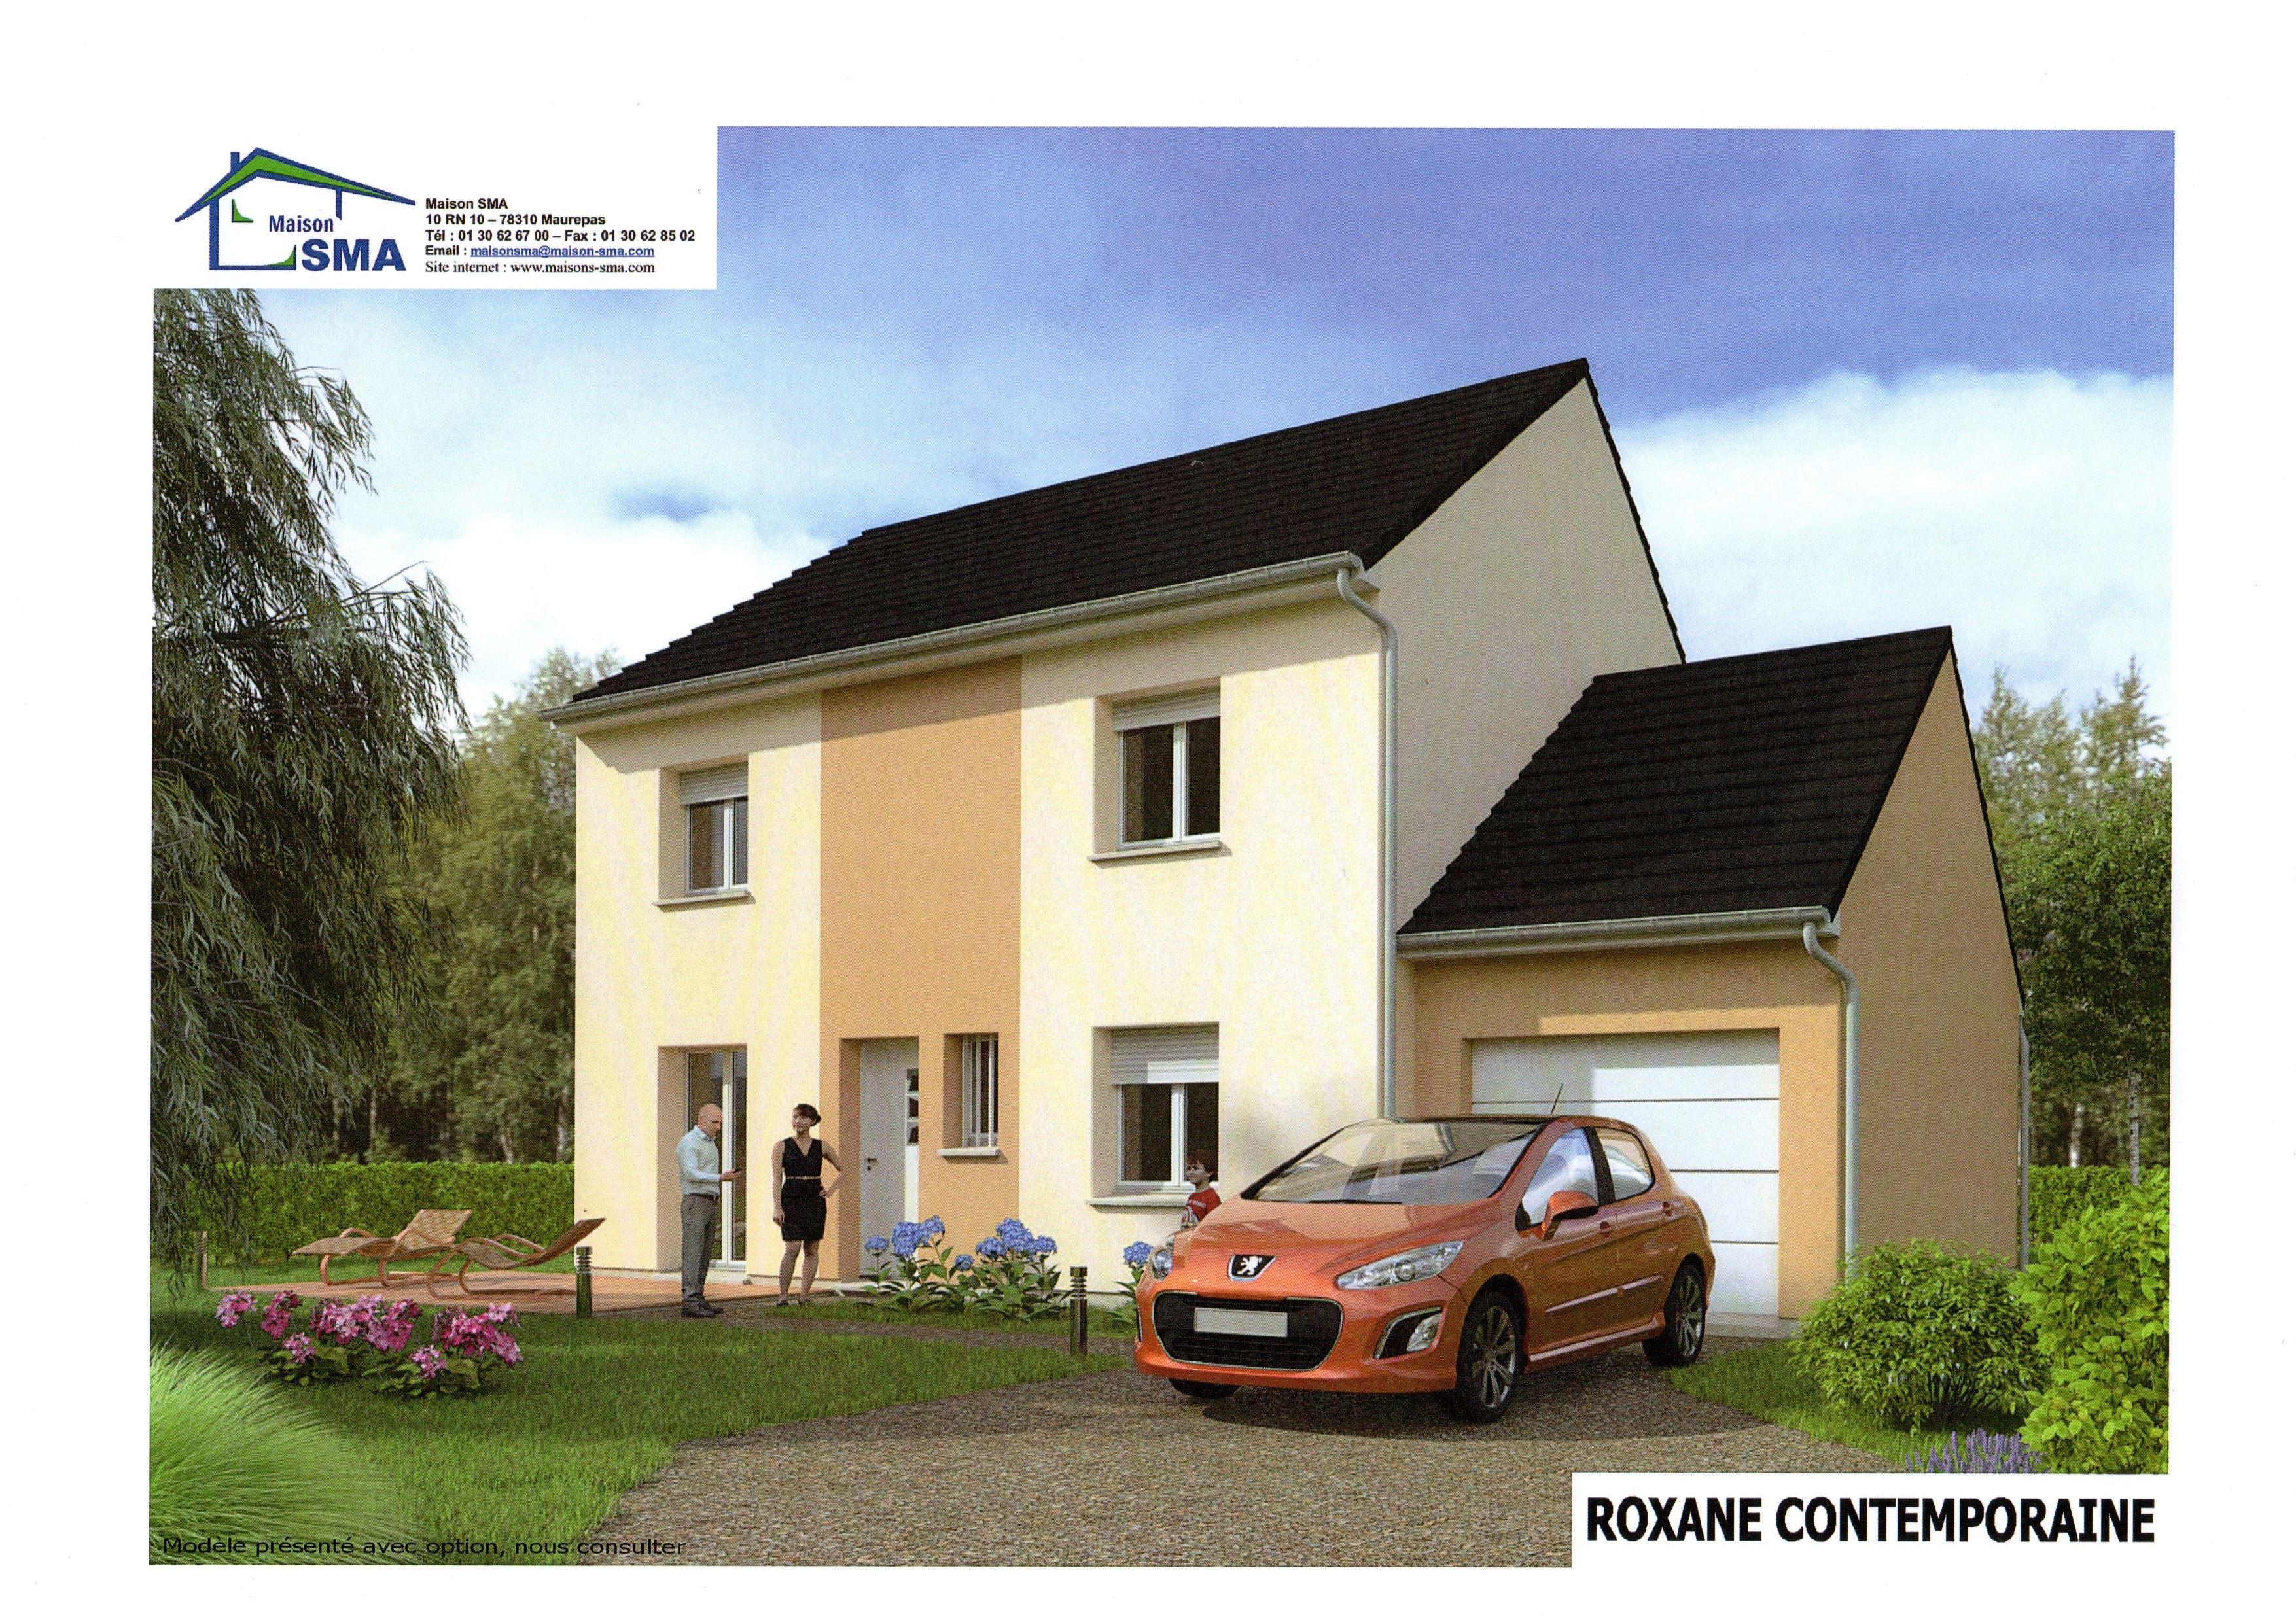 Maisons + Terrains du constructeur MAISON SMA • 120 m² • MANTES LA JOLIE